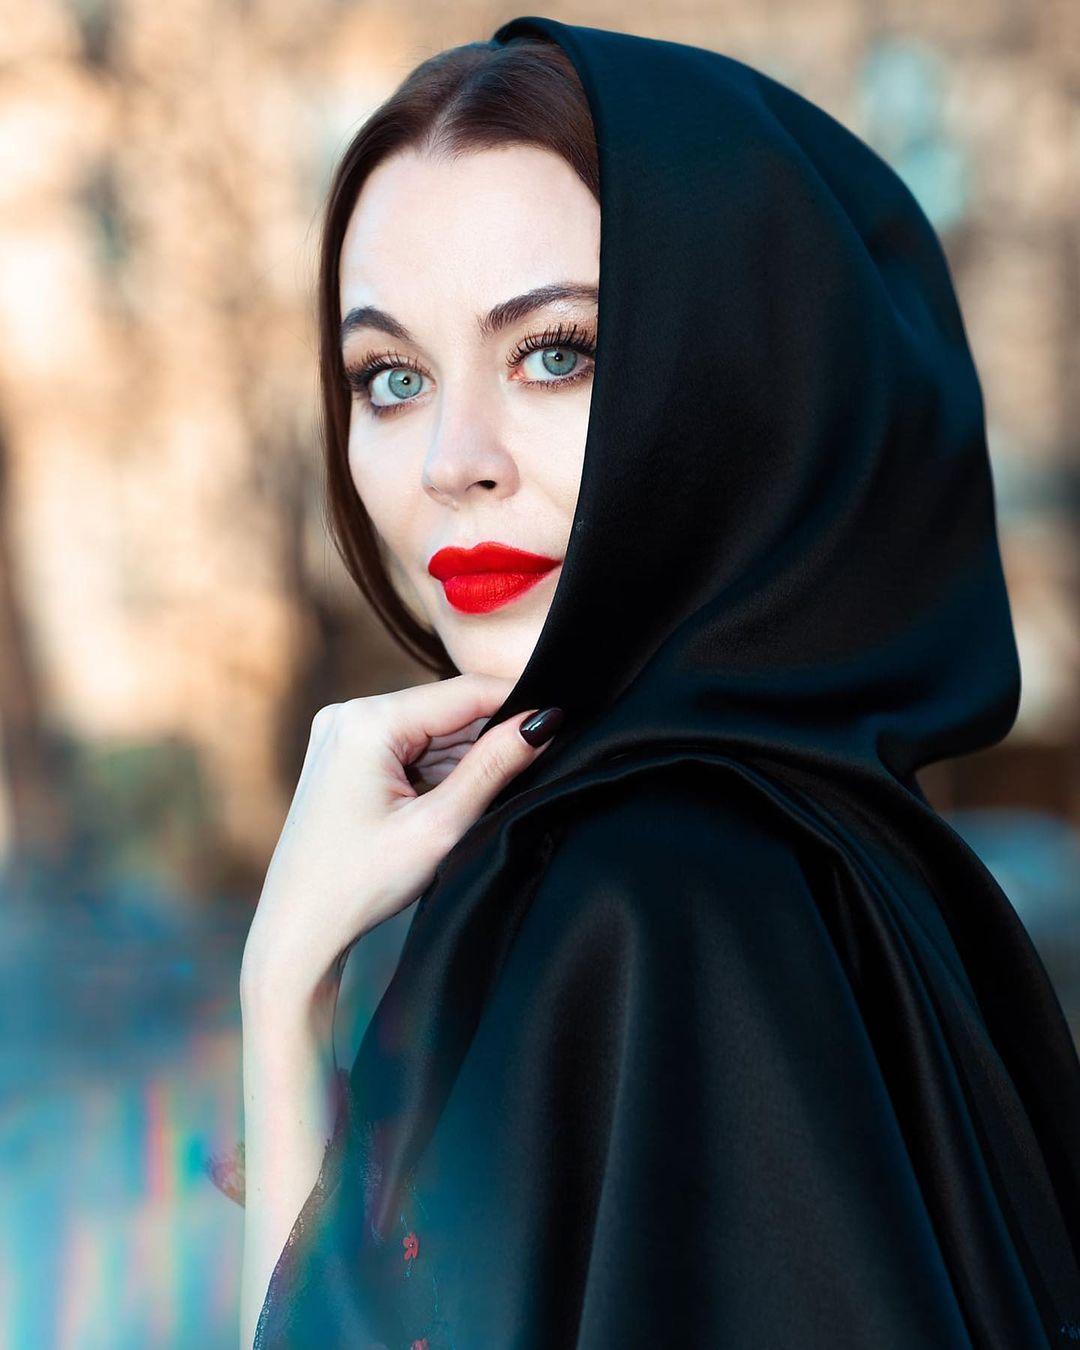 Ulyana-Sergeenko-Wallpapers-Insta-Fit-Bio-5